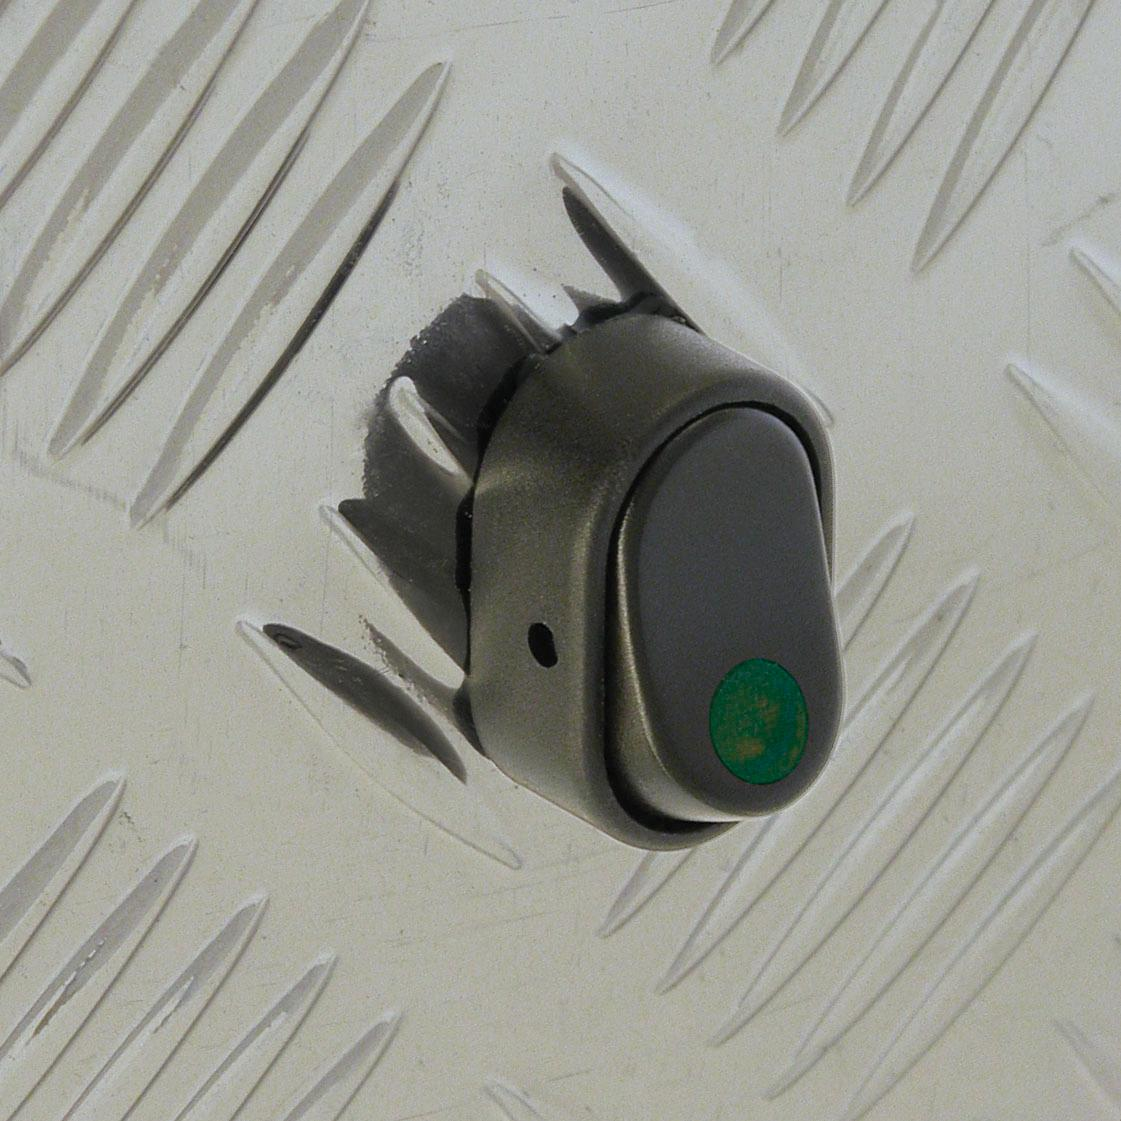 interrupteurs adnautomid 12v 30a led vert. Black Bedroom Furniture Sets. Home Design Ideas